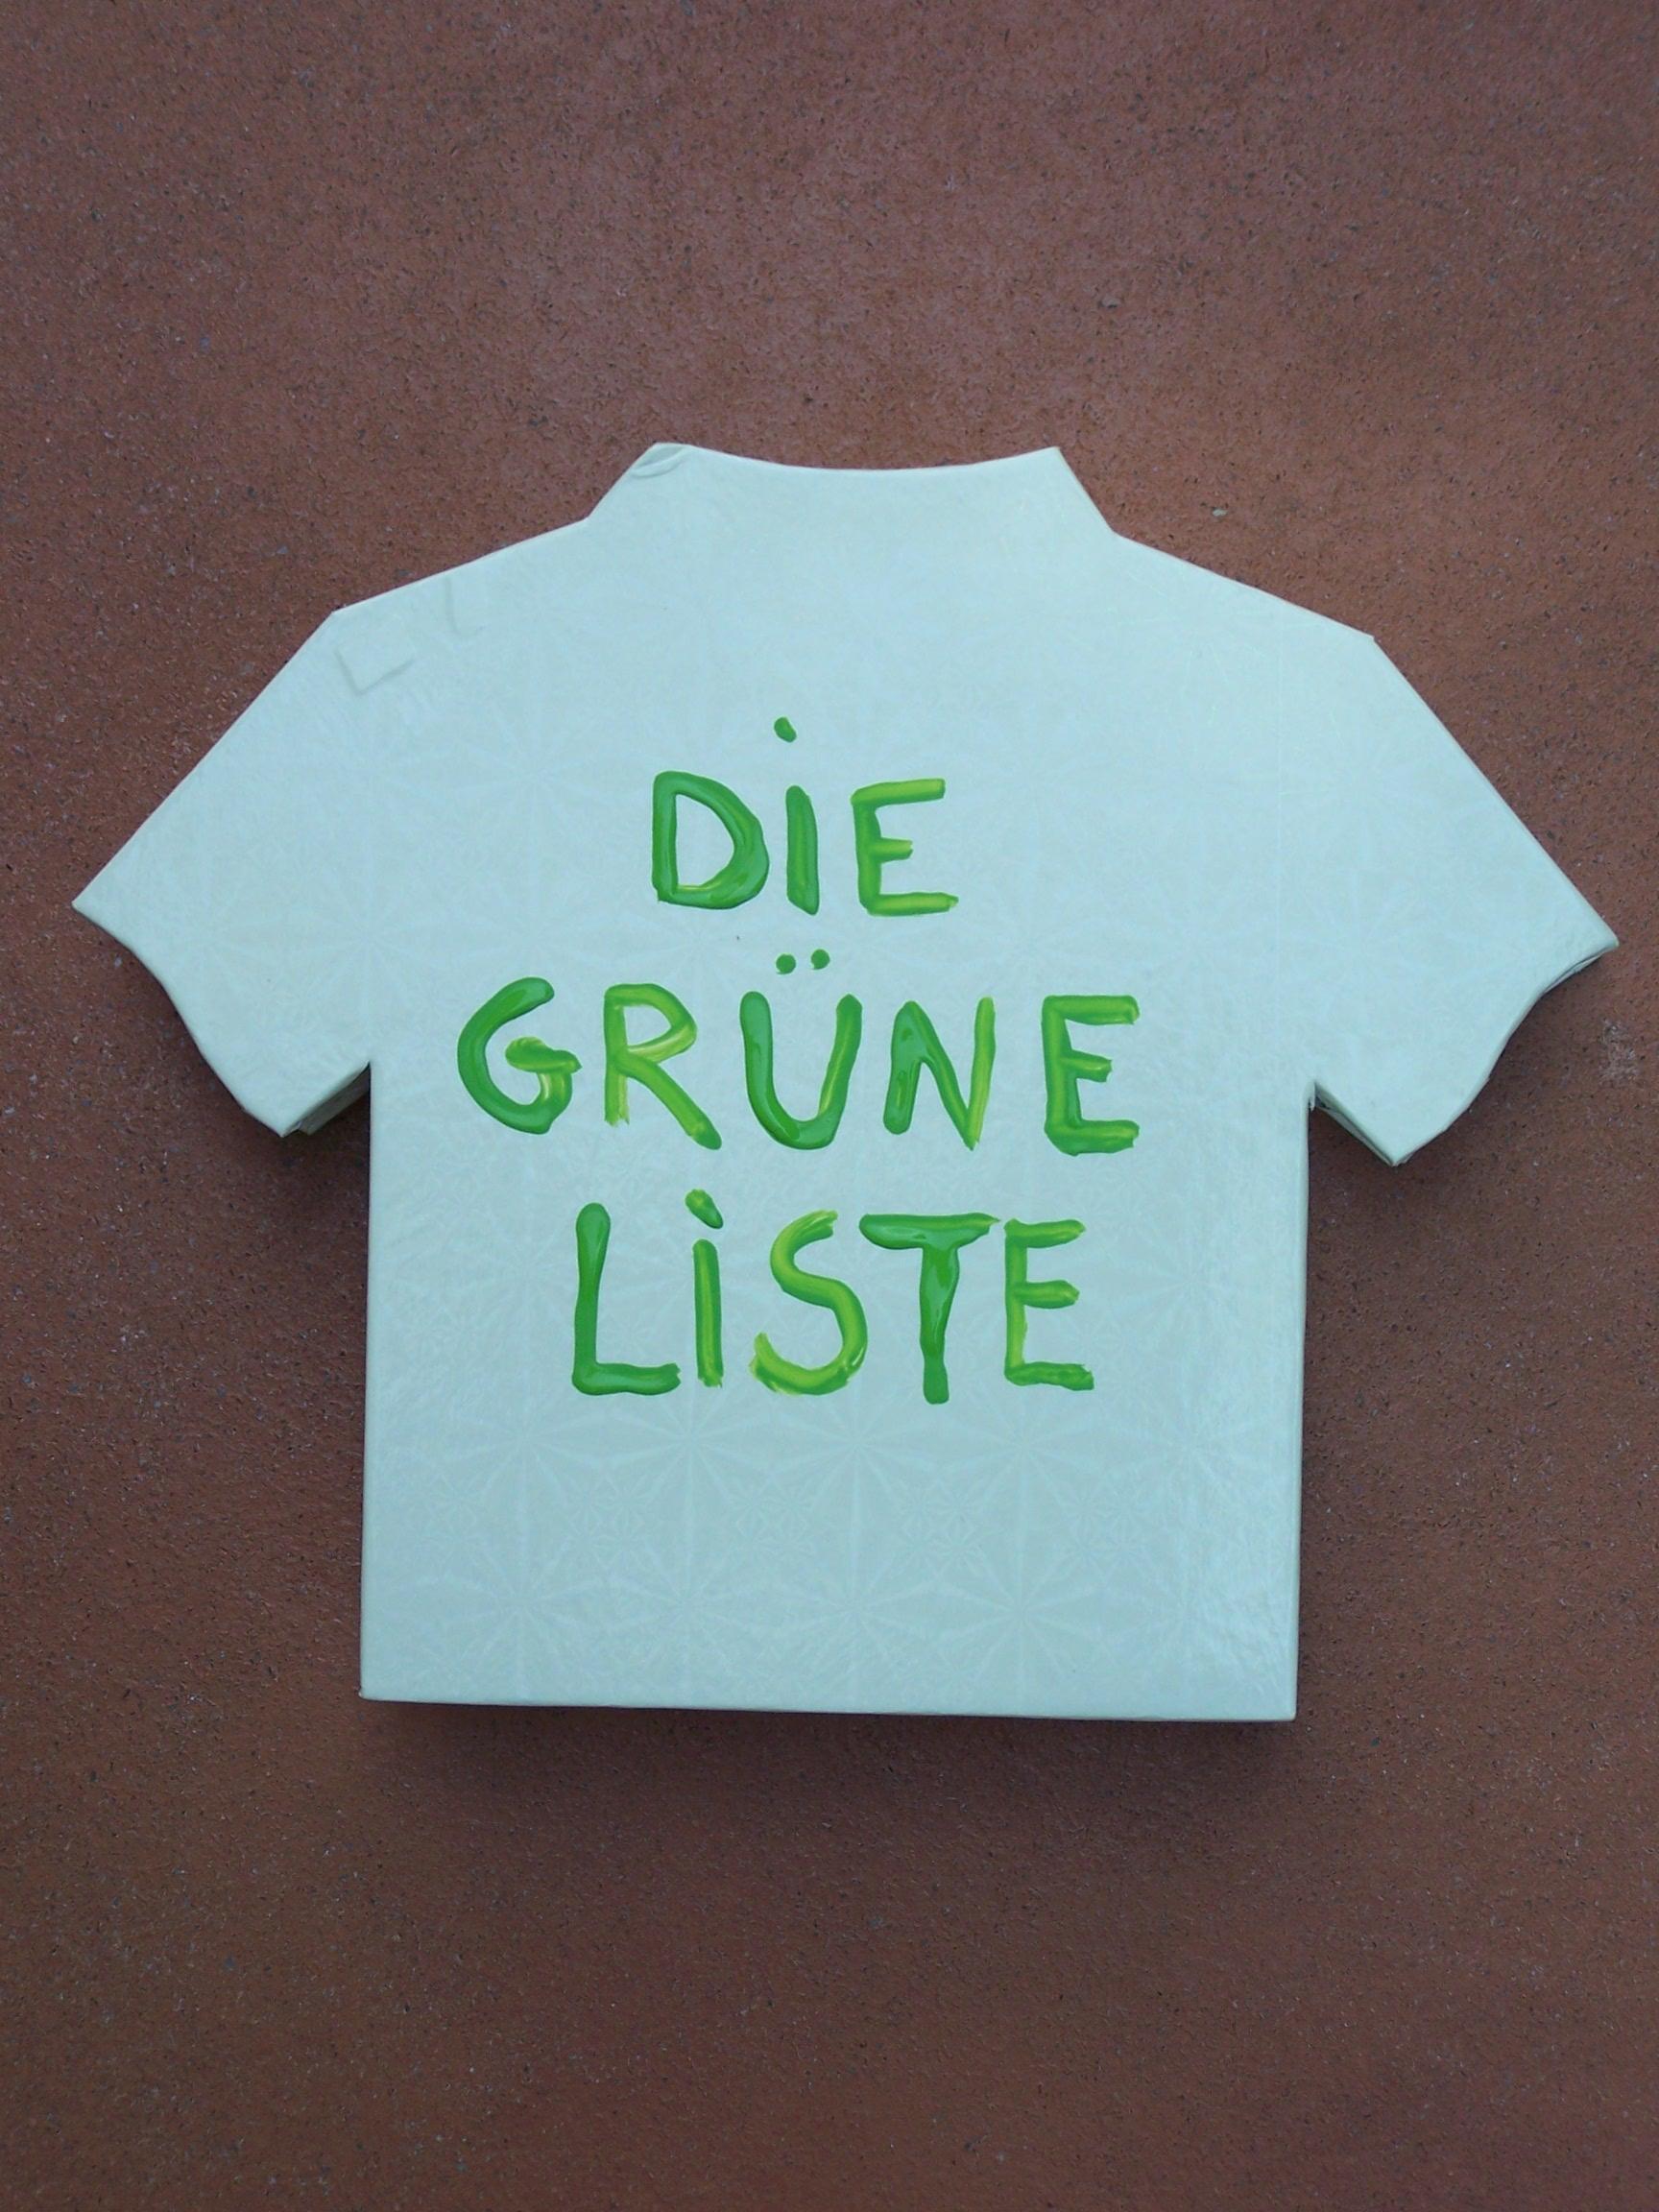 Gruene-liste in Eco Fashion – Kirsten Broddes grüne Liste